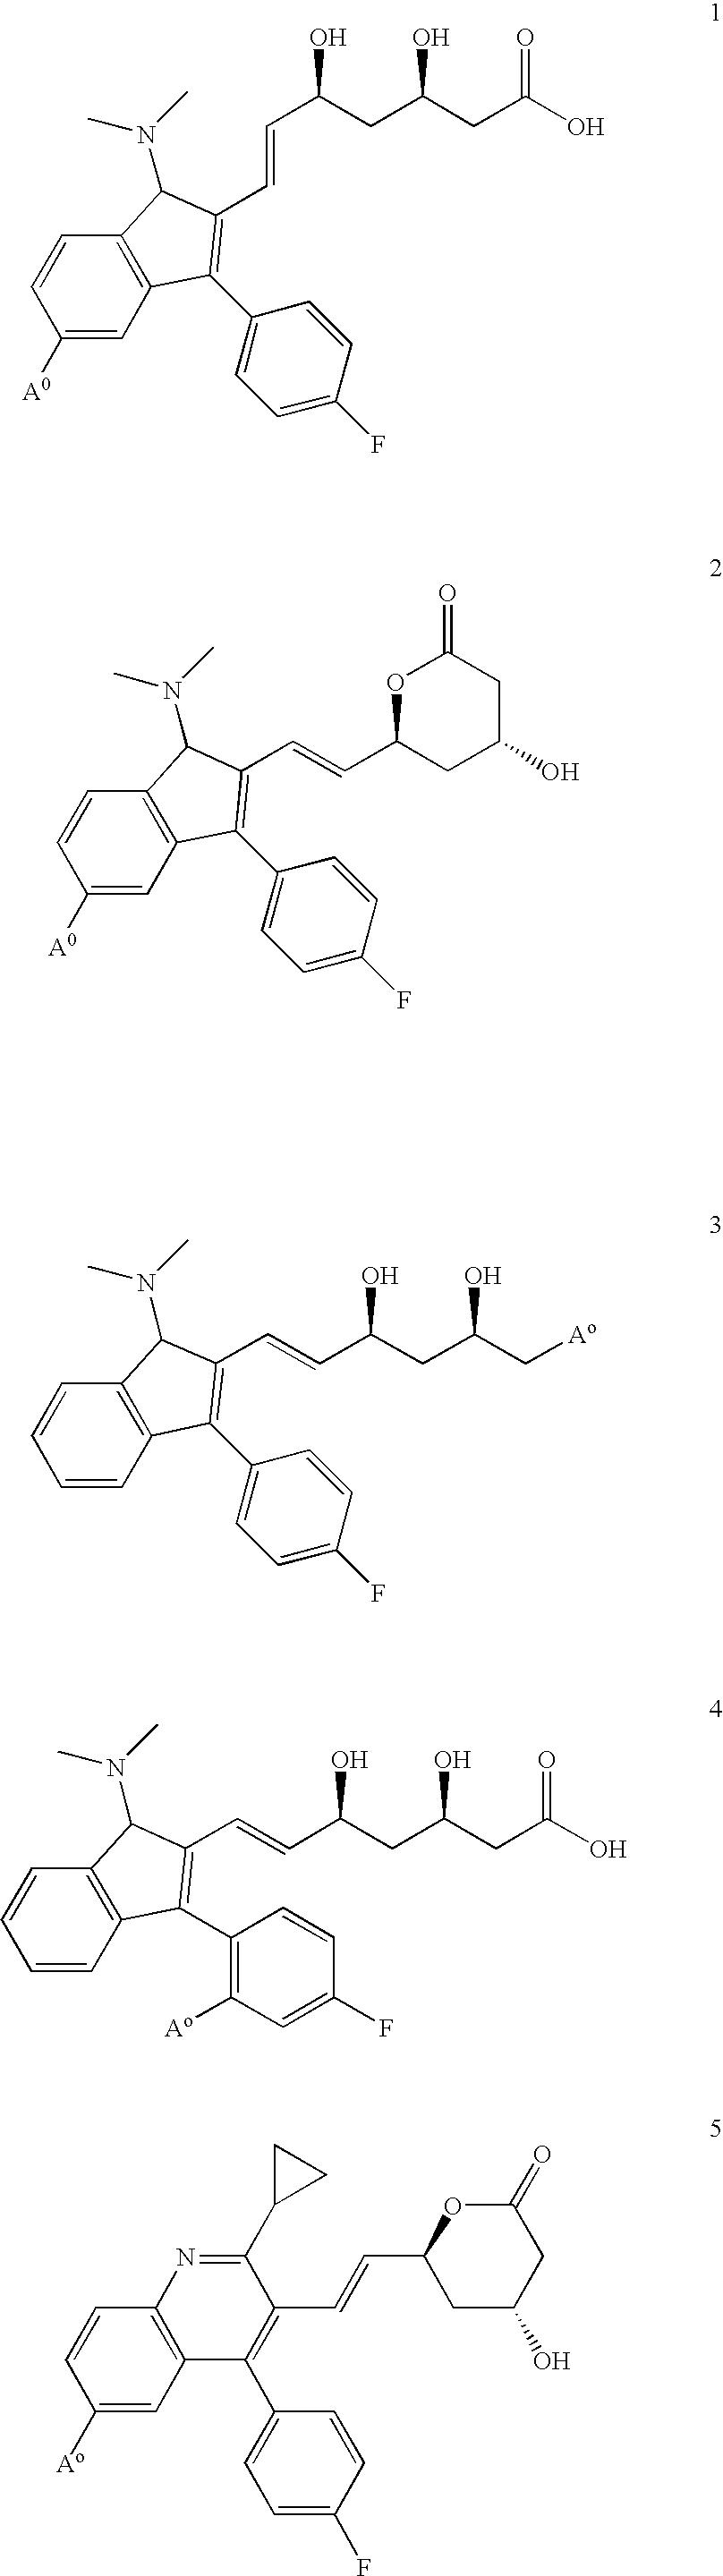 Figure US07407965-20080805-C00010